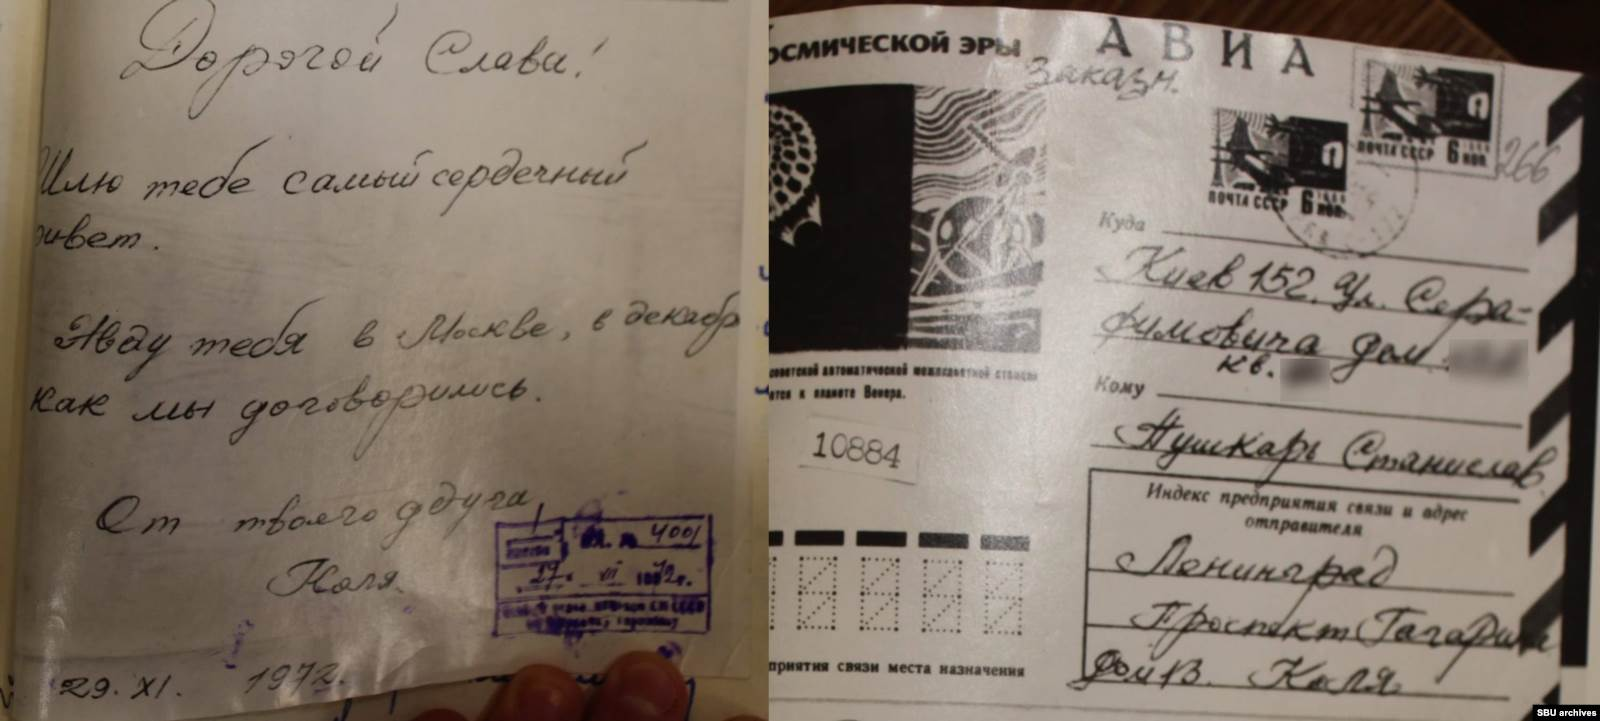 Письмо Сина-«Коли» Станиславу Пушкарю с требованием приехать в Москву. Из уголовного дела